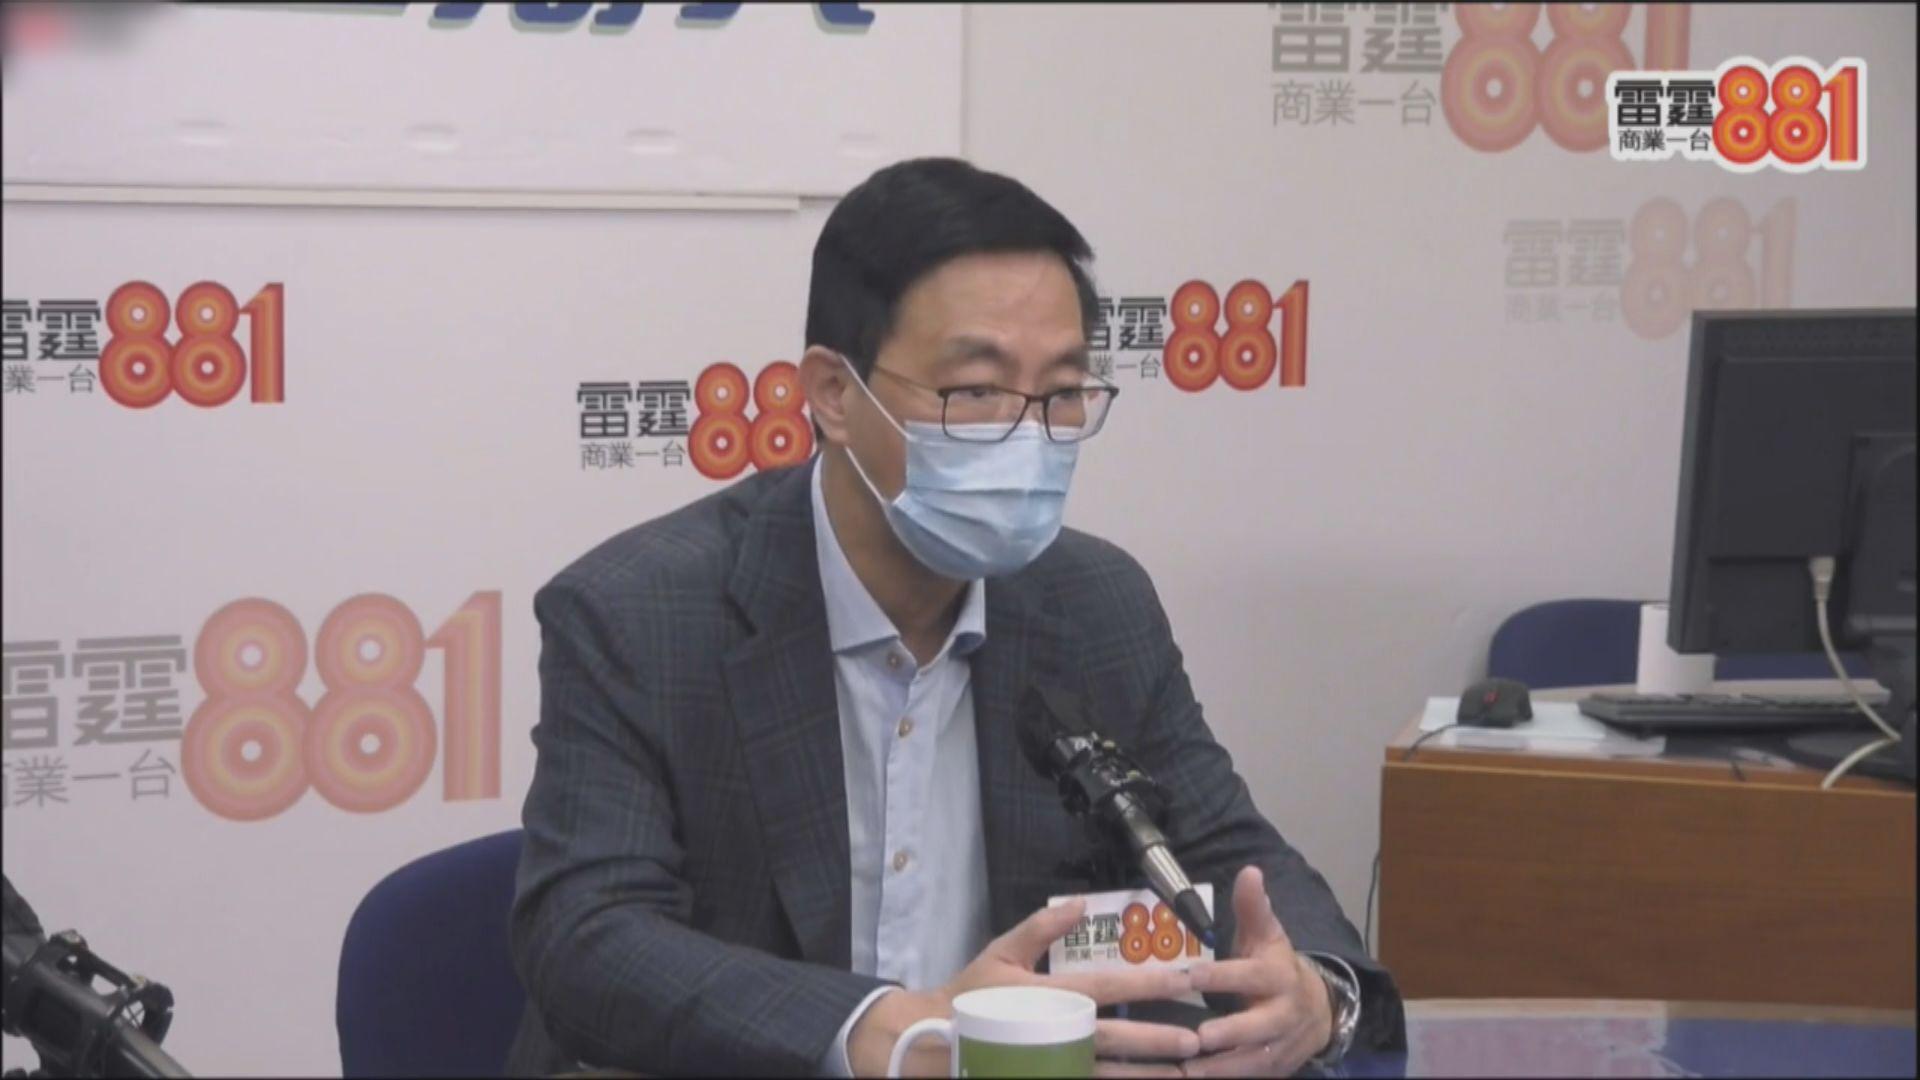 楊潤雄籲教師定期檢測 冀考慮對學生責任